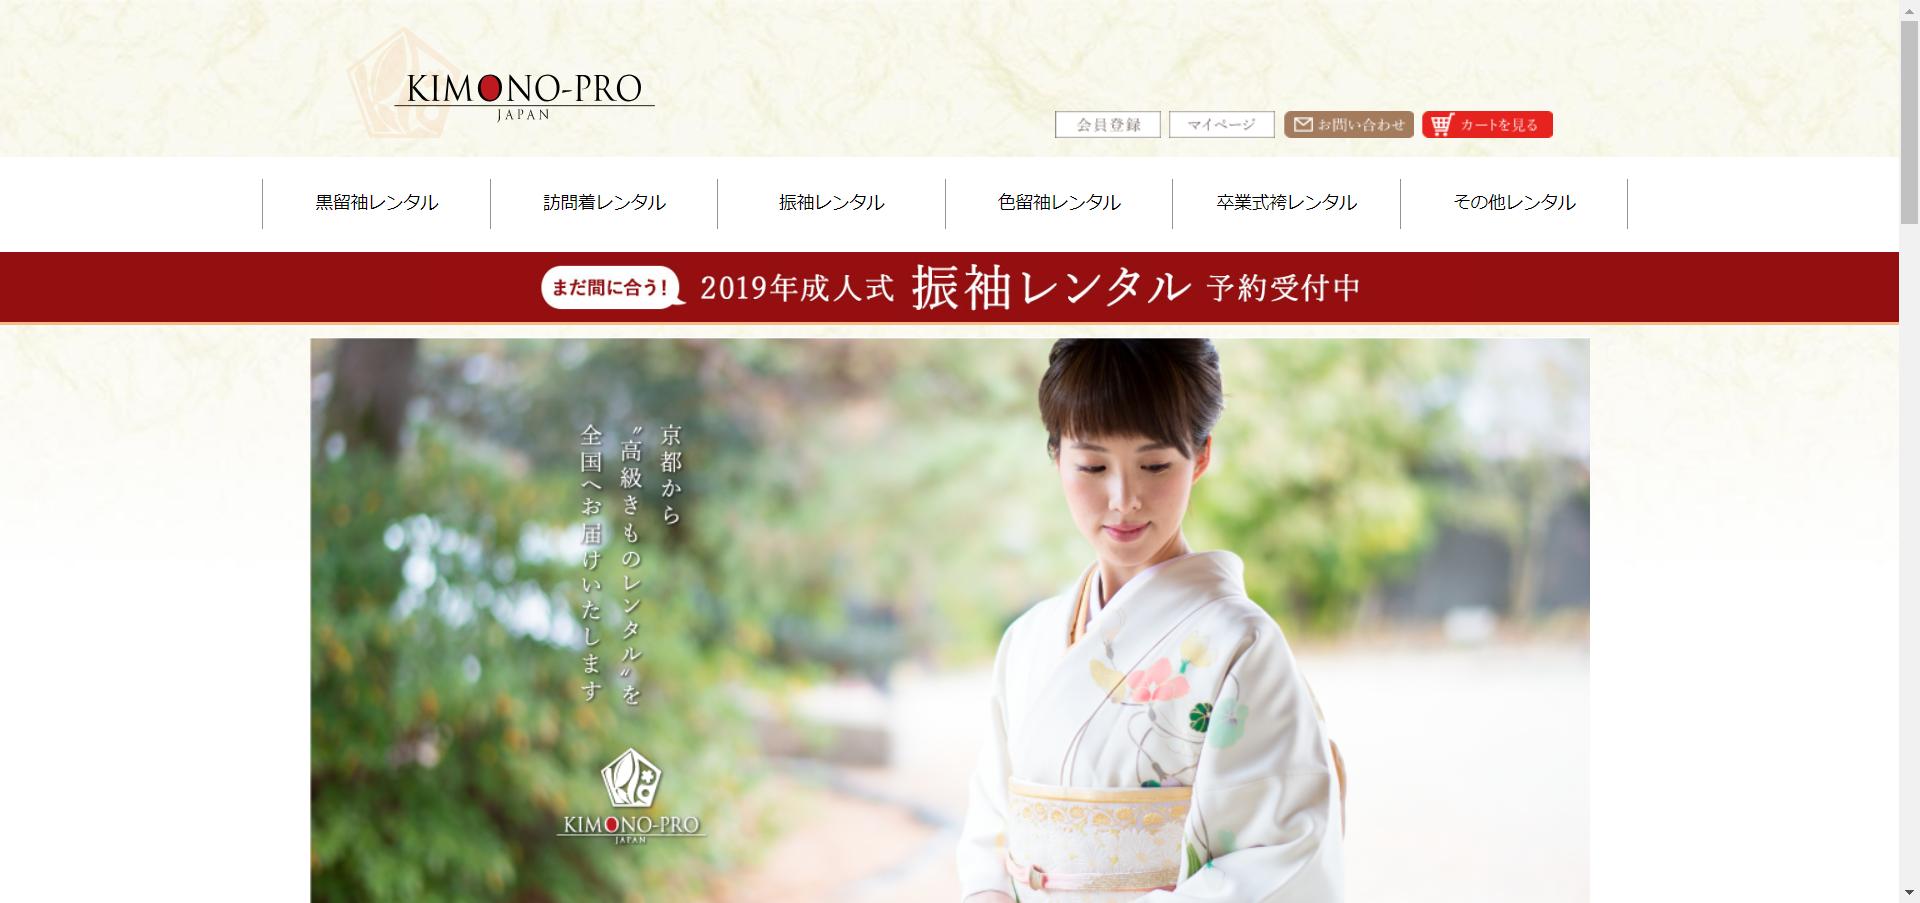 kimono-pro